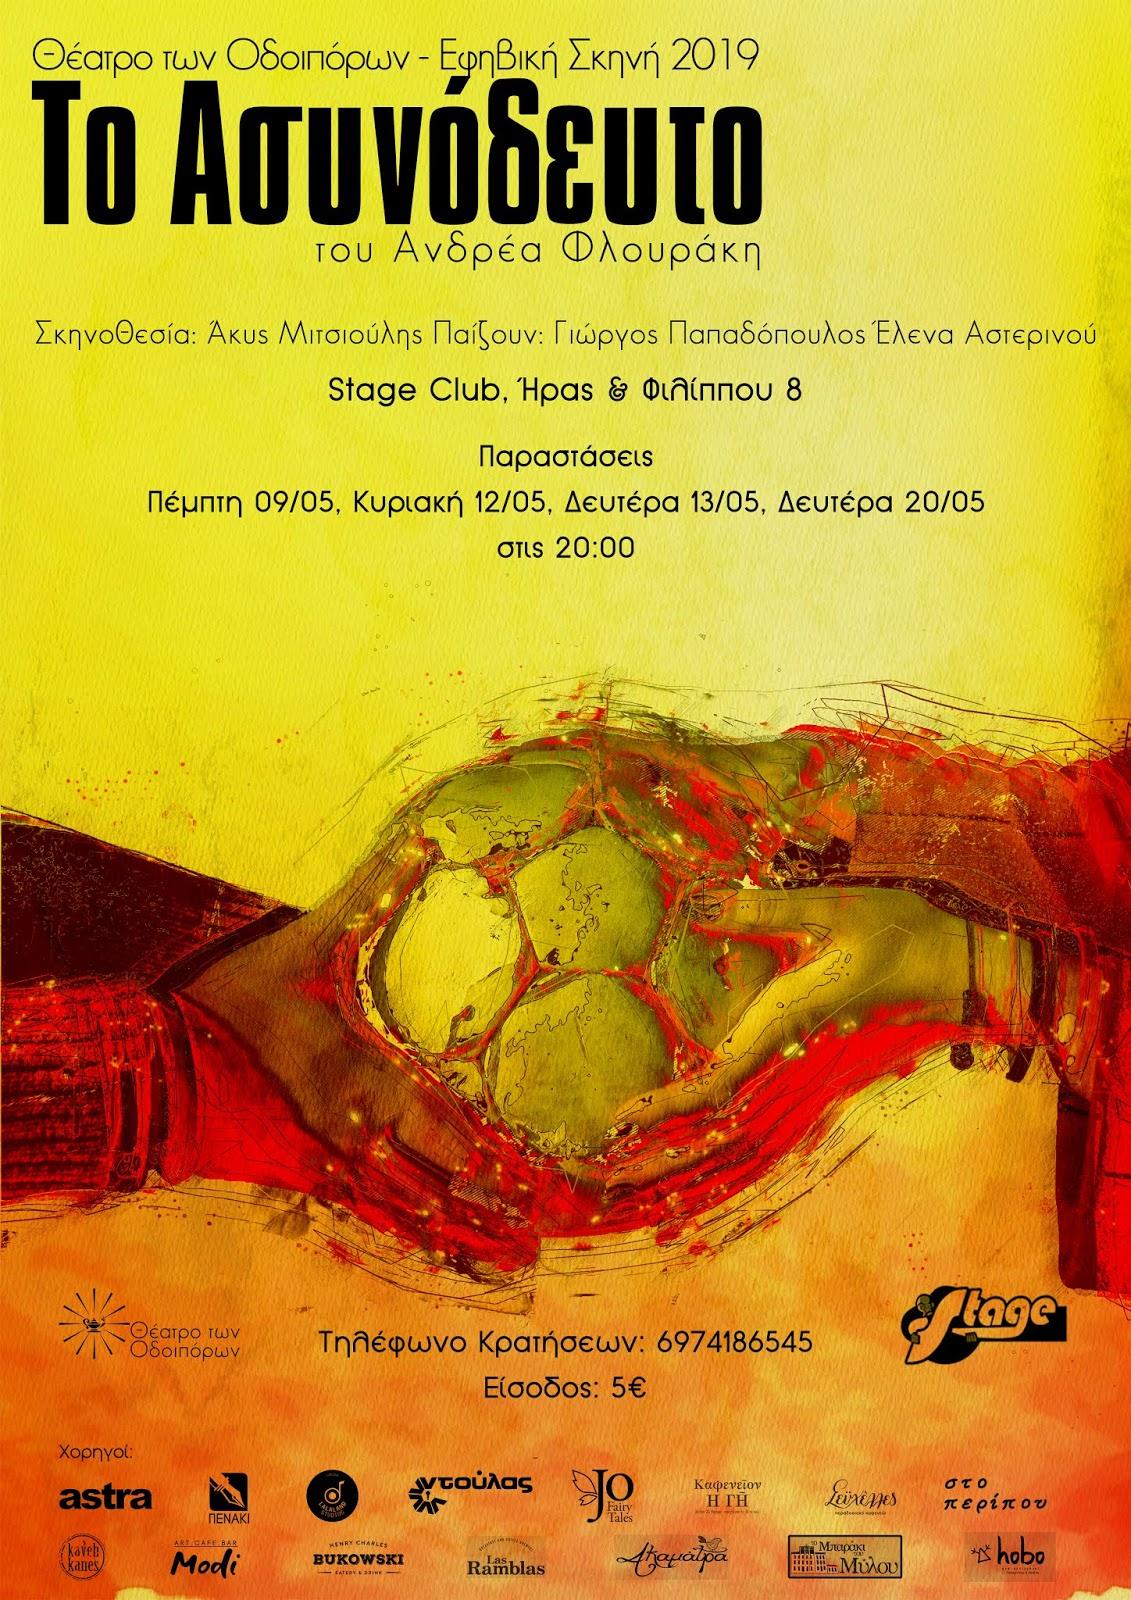 Θέατρο των Οδοιπόρων - Εφηβική Σκηνή - ''Το Ασυνόδευτο''